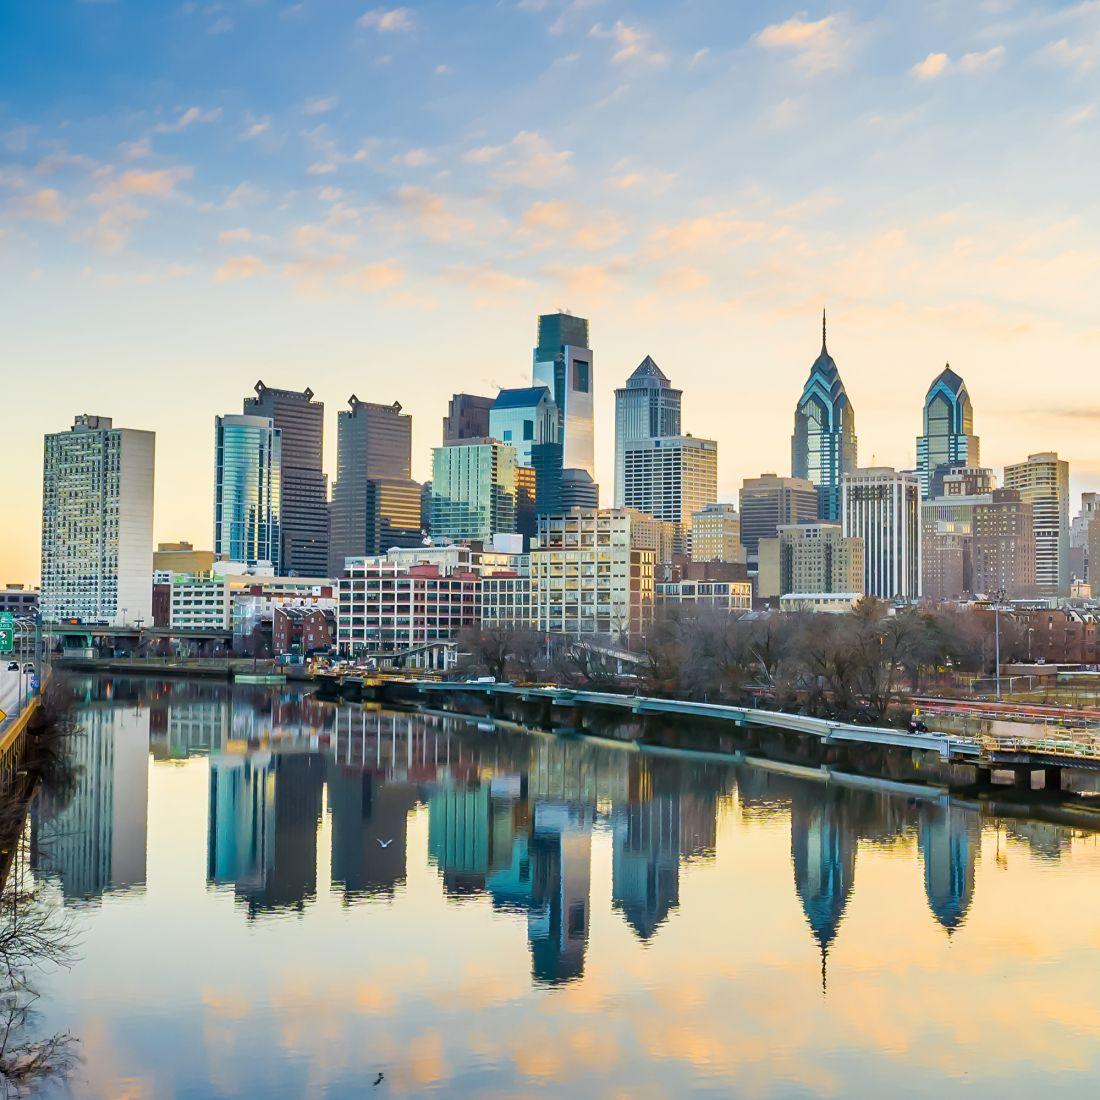 Филадельфия Штат Пенсильвания 2-096